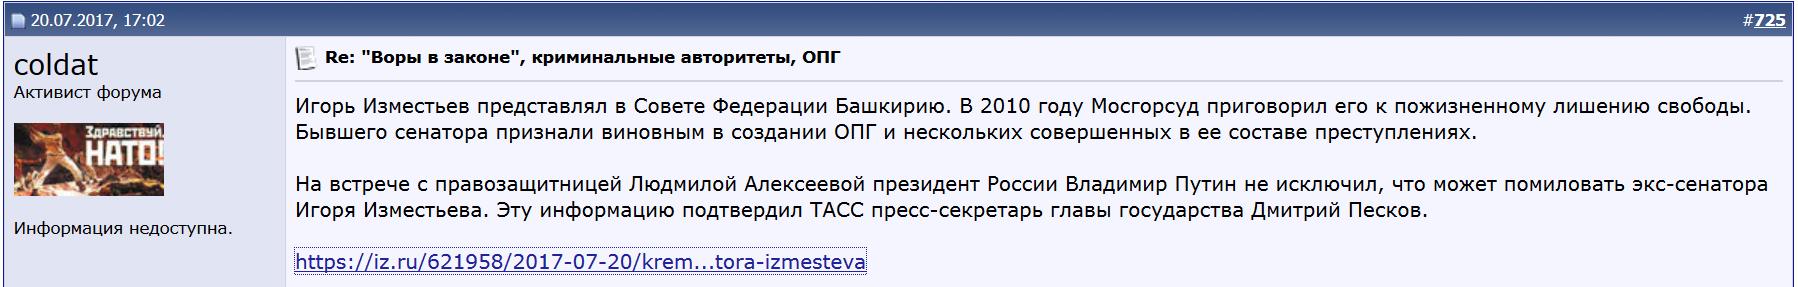 Игорь изместьев признан виновным в создании ОПГ